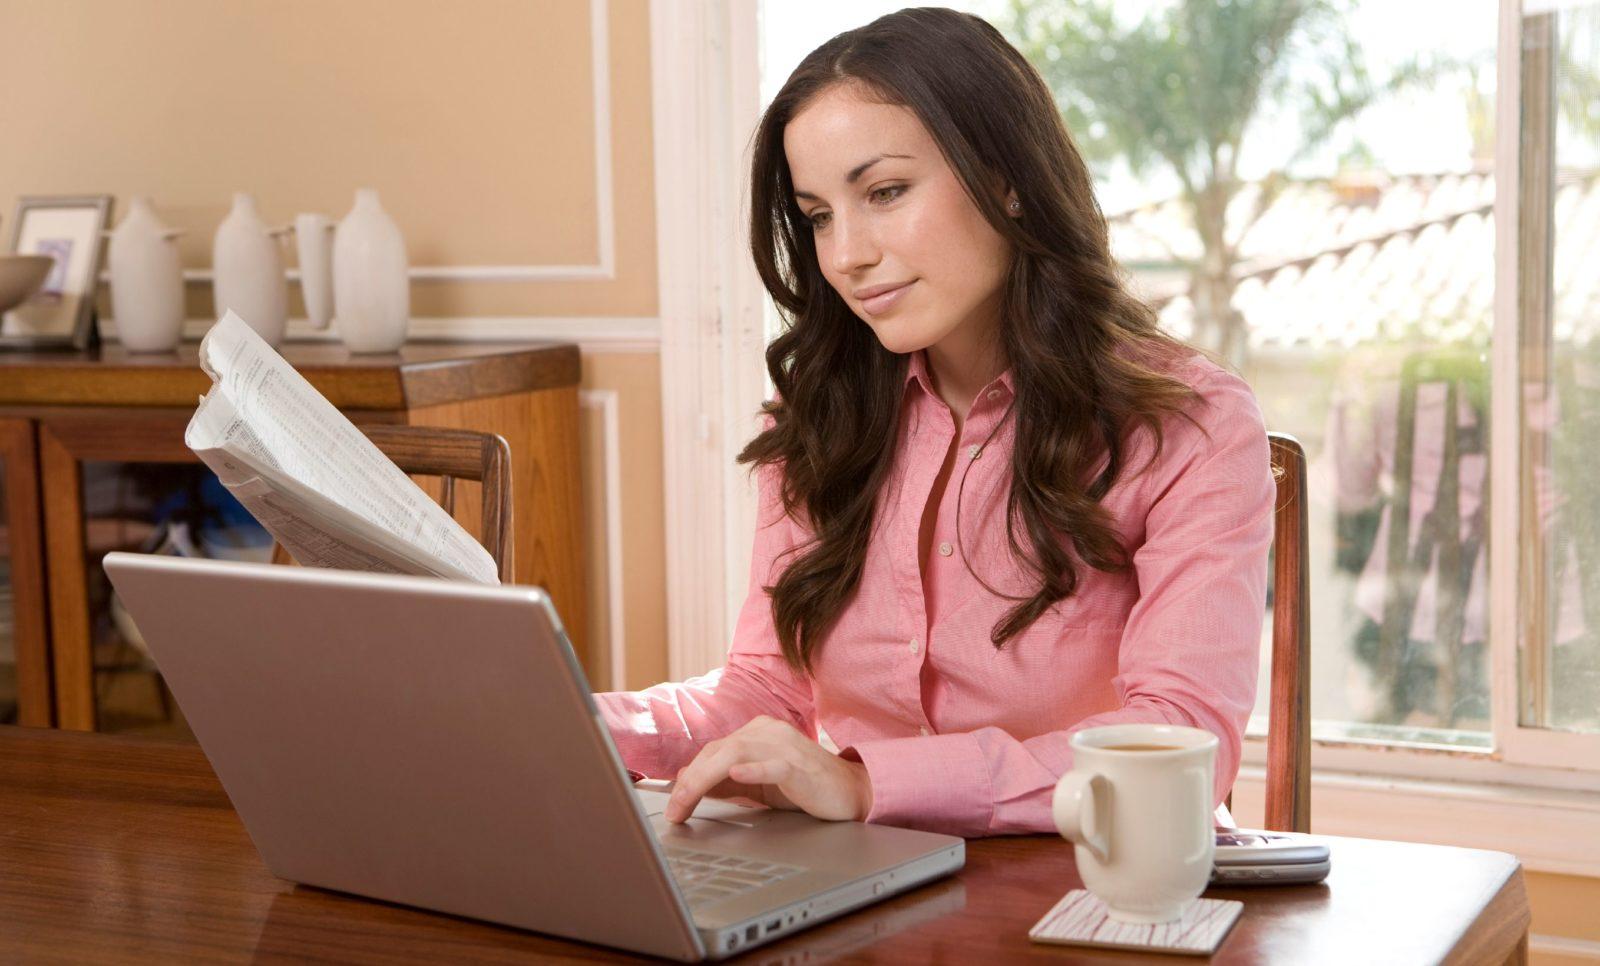 Ищу удаленную работу на дому